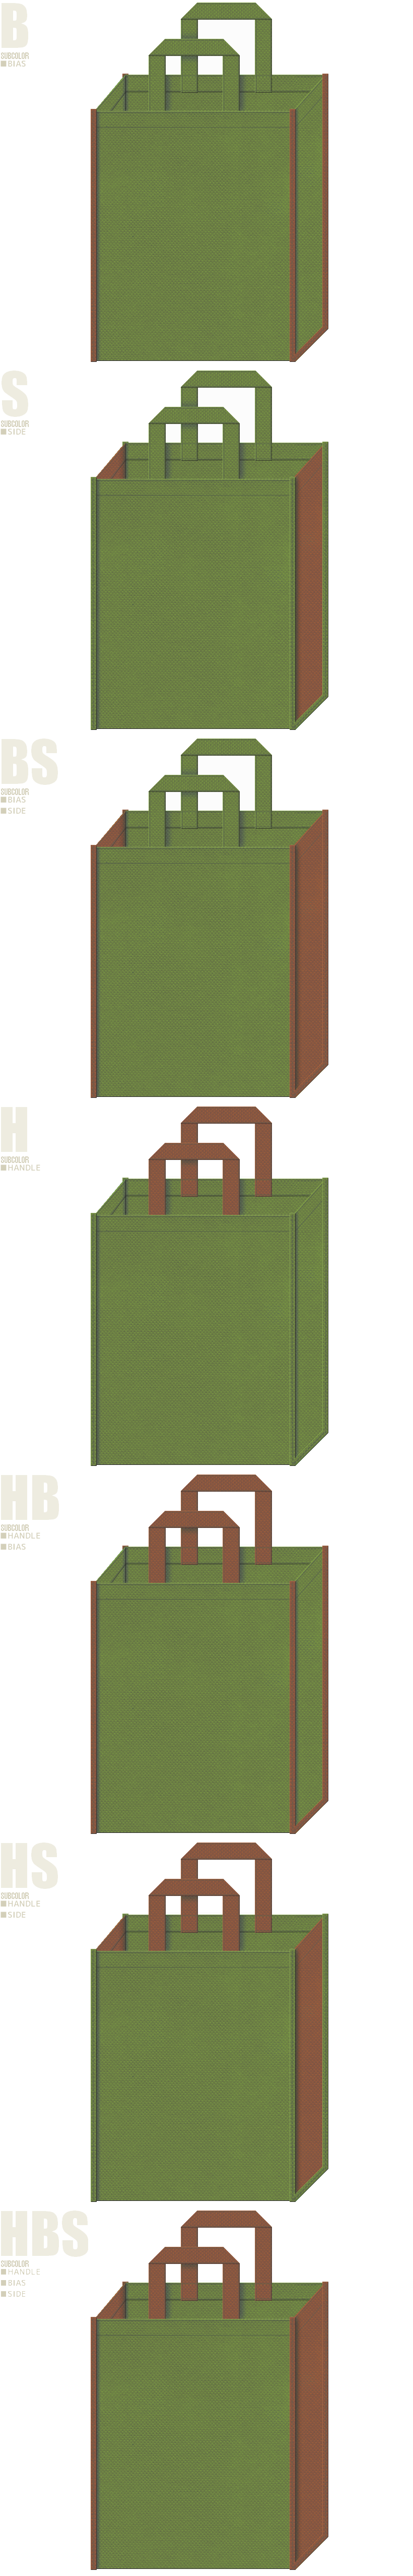 抹茶・茶道具・生け花・草餅・陶器・画材・民芸品・和風インテリア・和風催事・和菓子のショッピングバッグにお奨めの不織布バッグデザイン:草色と茶色の配色7パターン